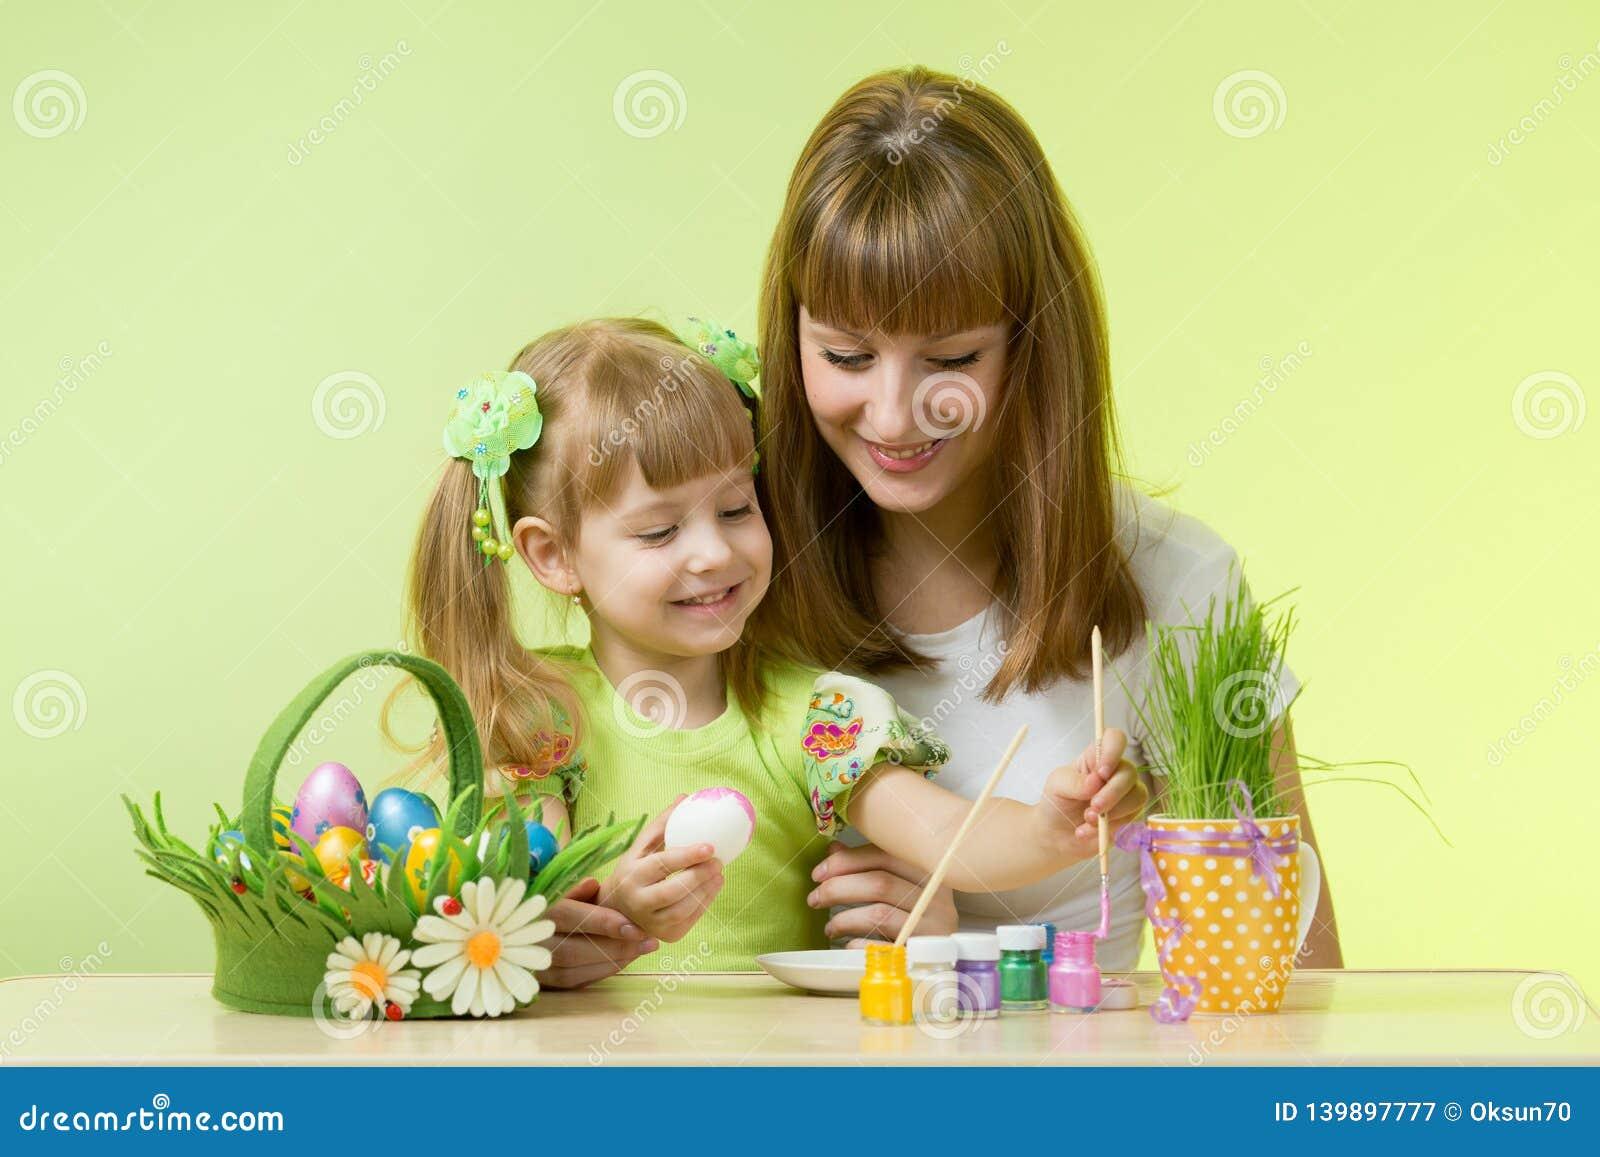 Mooie vrouw en haar dochter die paaseieren kleuren bij de lijst